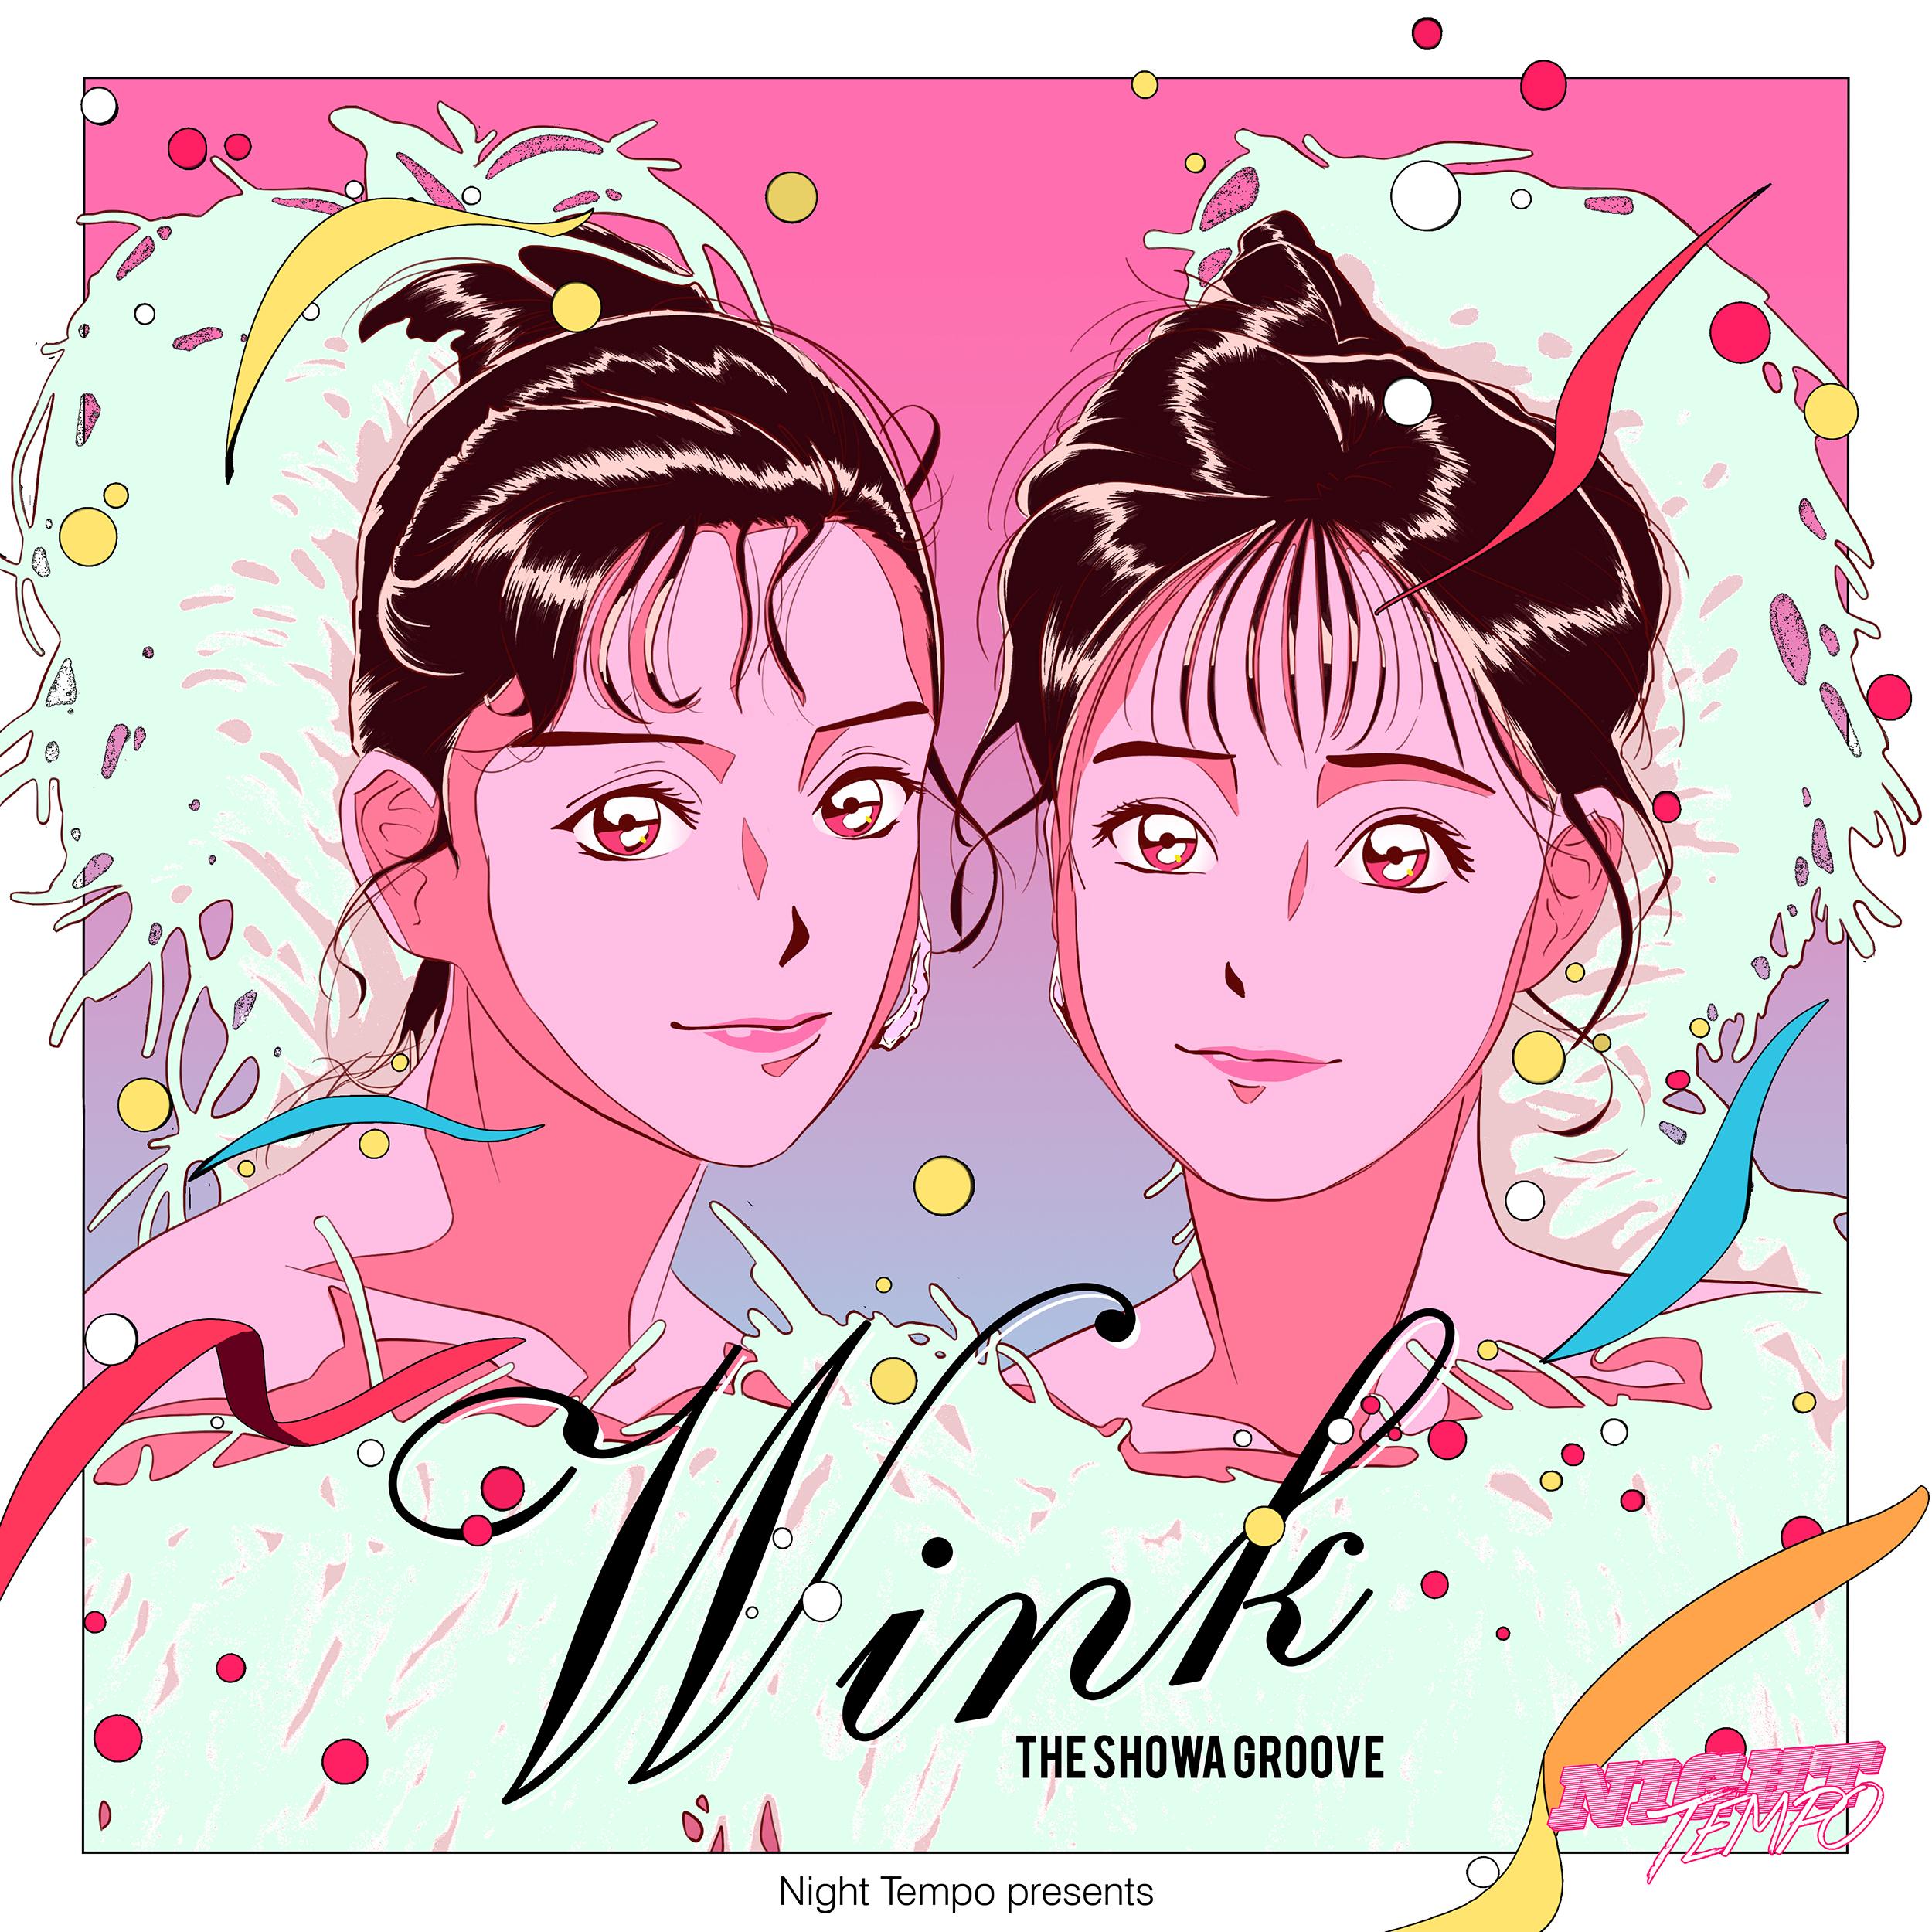 『テラスハウス』背景音楽にNight TempoリエディットWink『Get My Love (Night Tempo Showa Groove Mix)』